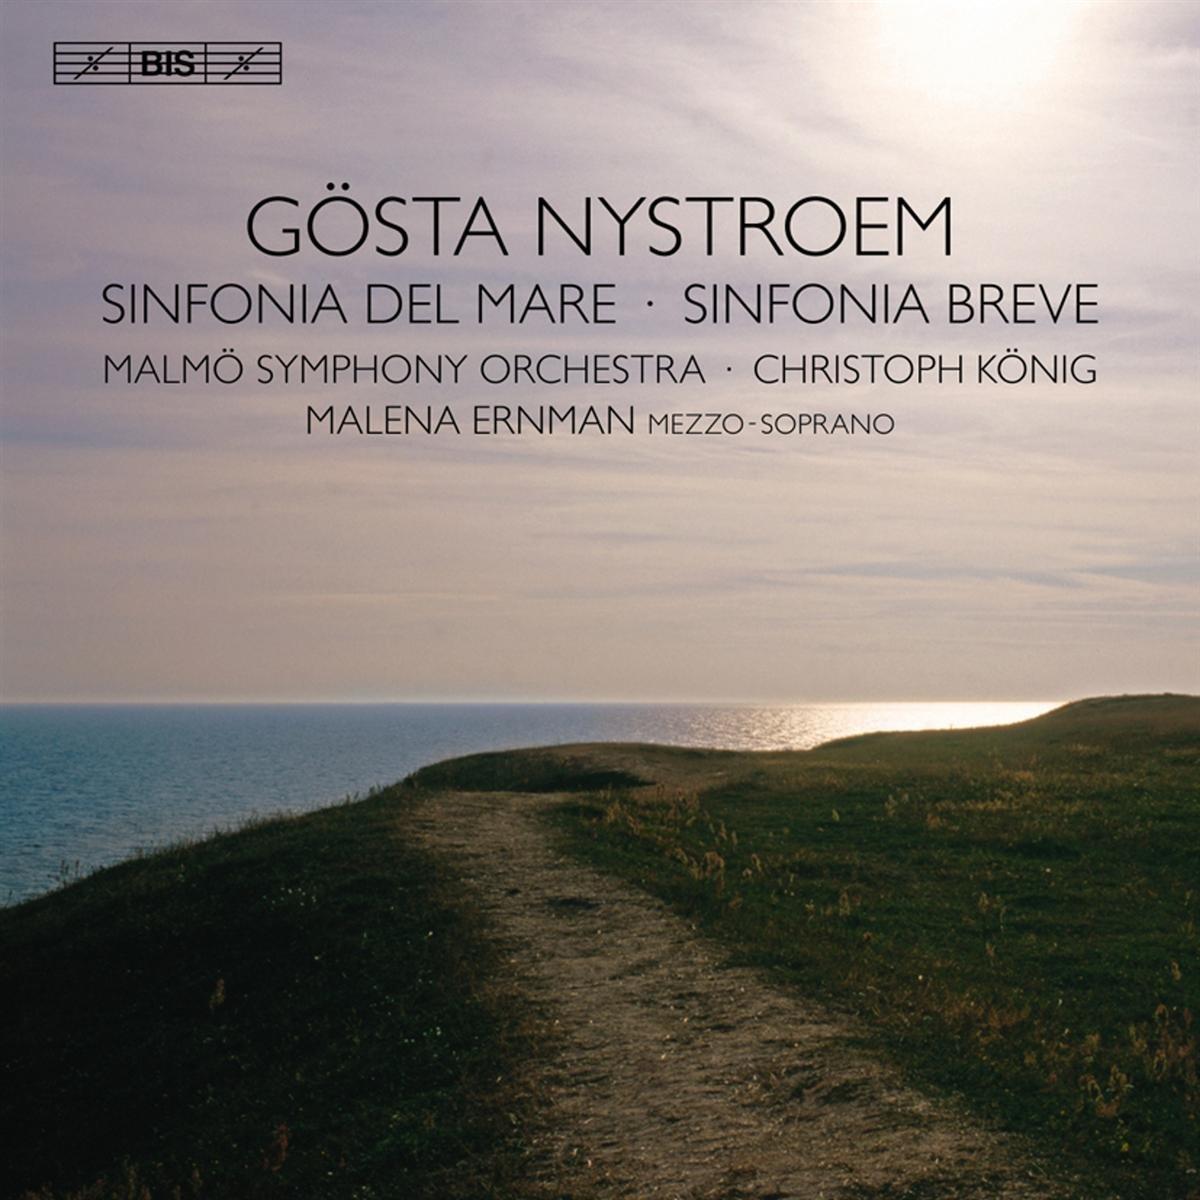 Musiques du Nord ( Scandinavie, Baltique ) - Page 3 71j72wtJqIL._SL1200_